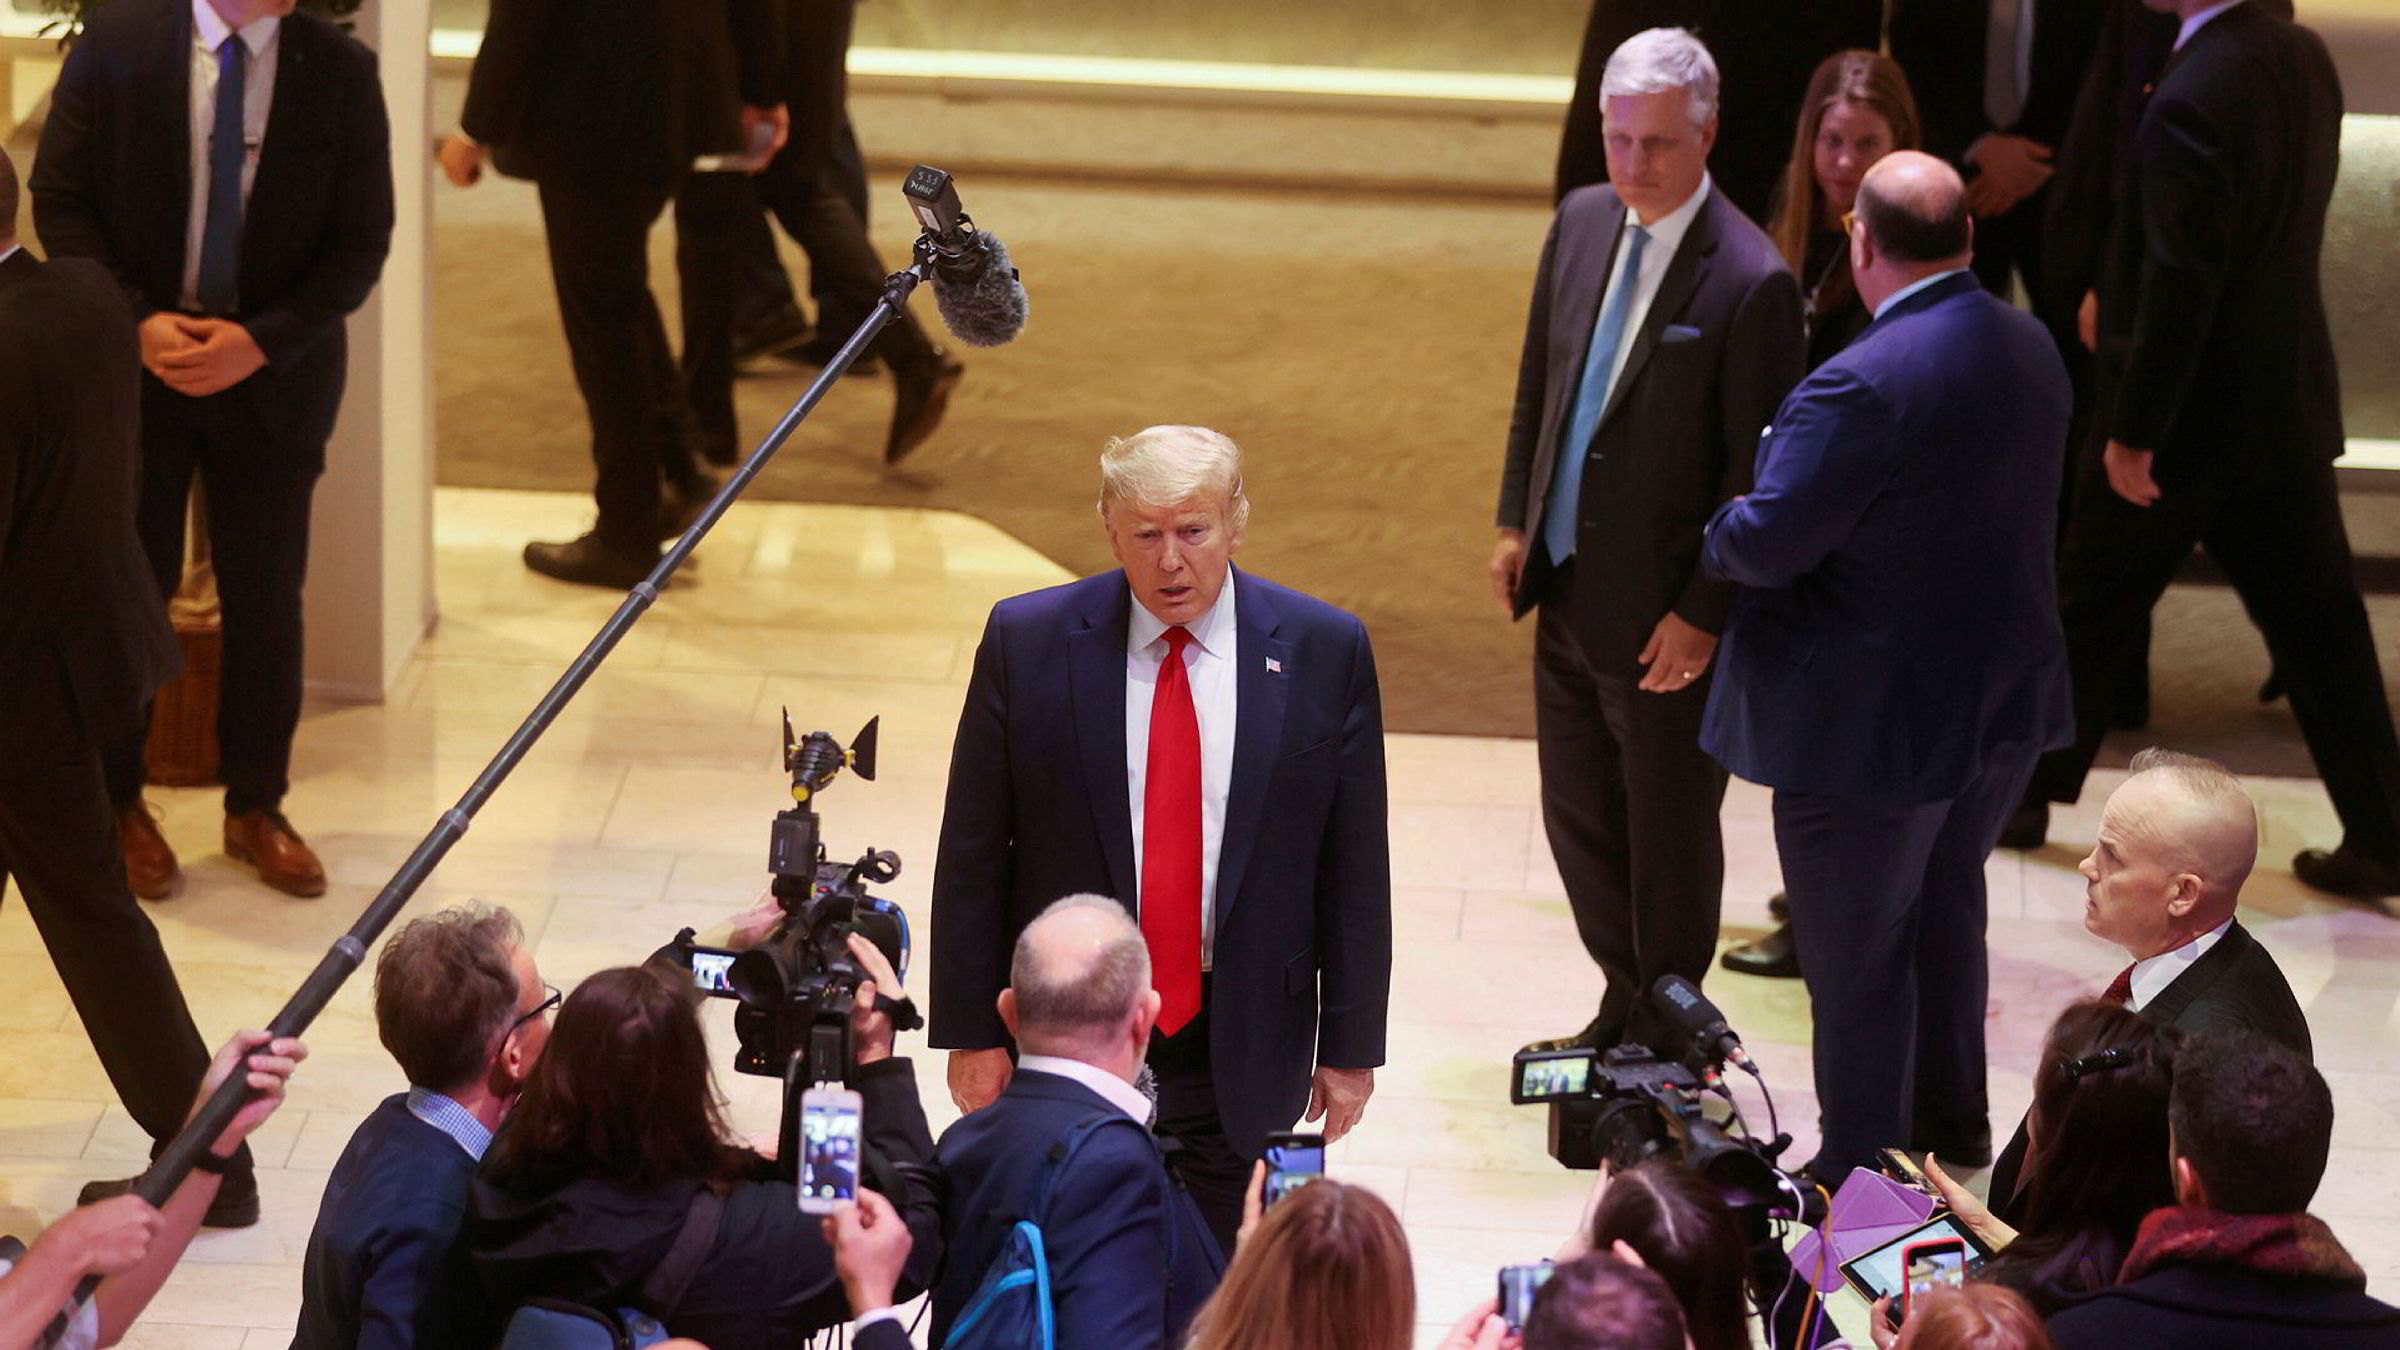 Trump-teamet brukte hele 242 millioner kroner på Facebook-annonsering mens riksrettssaken mot USAs sittende president pågikk i januar og februar, skriver Kaja Gilje Sekse. I samme periode besøkte Donald Trump World Economic Forum i Davos.